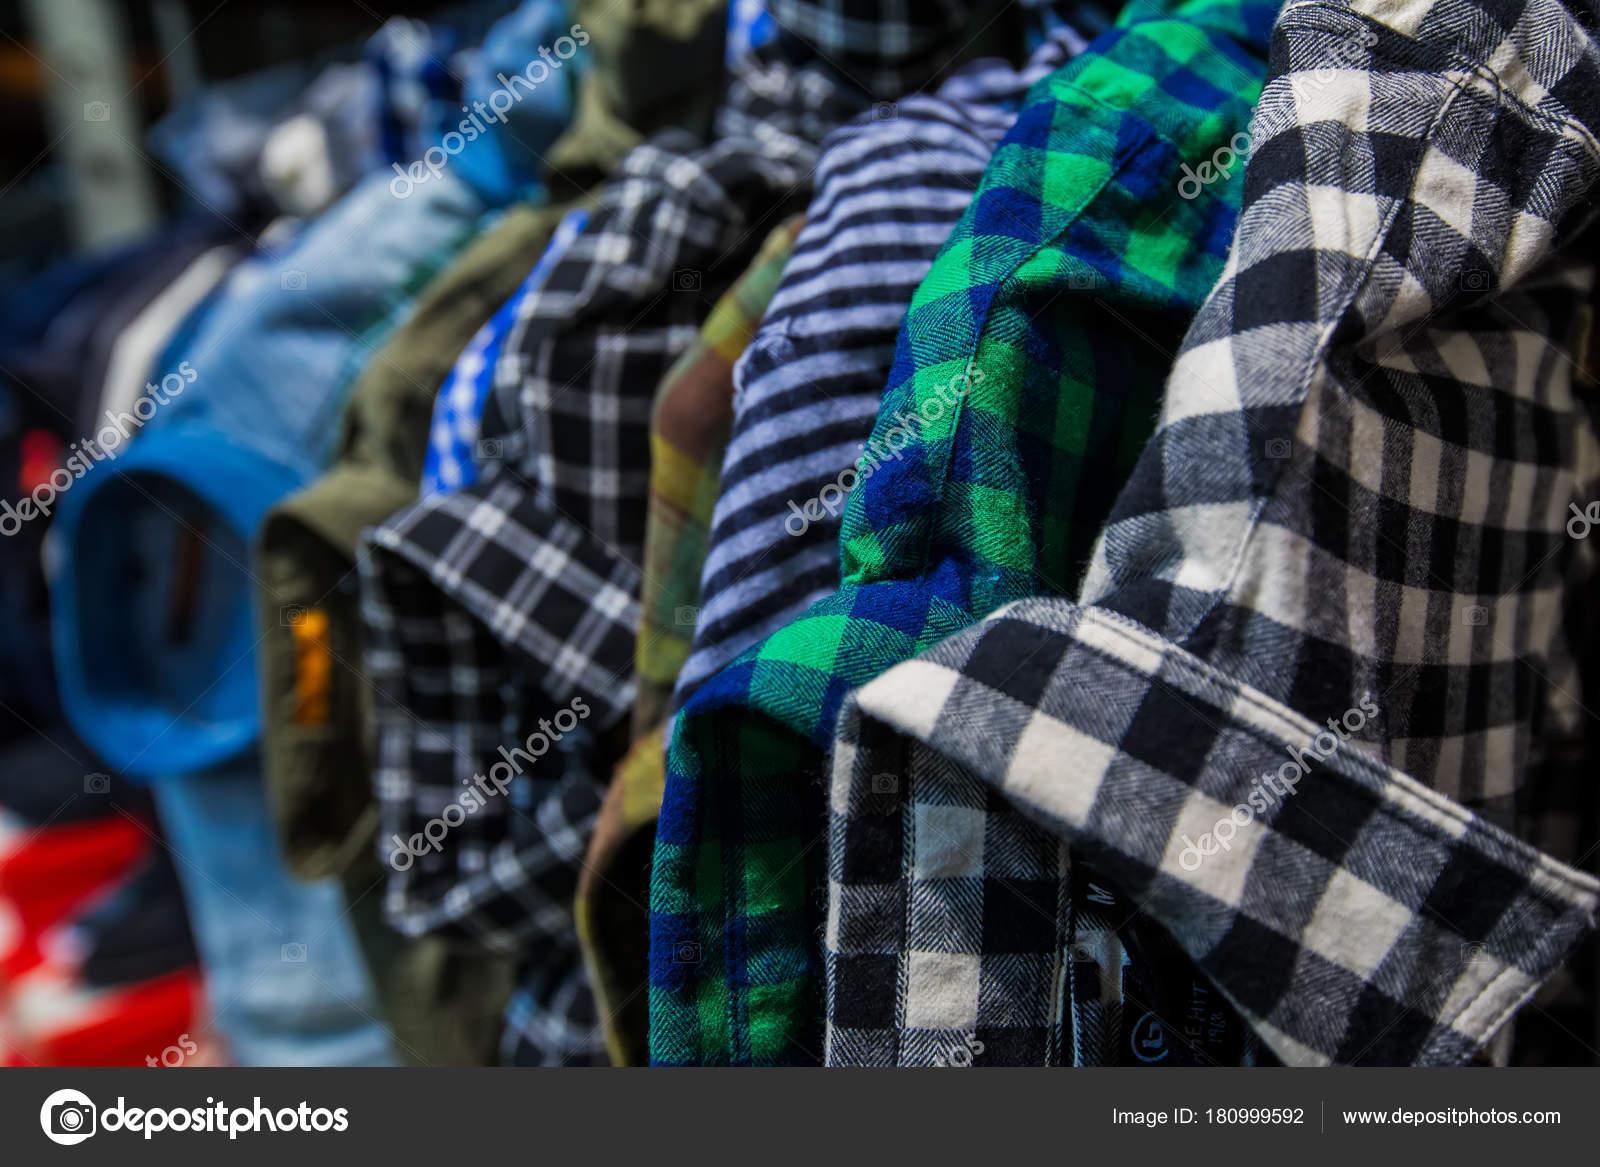 2753dd64a30 Θεσσαλονίκη, Ελλάδα - 19 Ιανουαρίου 2018: Ρούχα κατάστημα ράφι στο τμήμα  ένδυσης στο κέντρο της Θεσσαλονίκης λόγω χειμερινές εκπτώσεις — Εικόνα από  ...